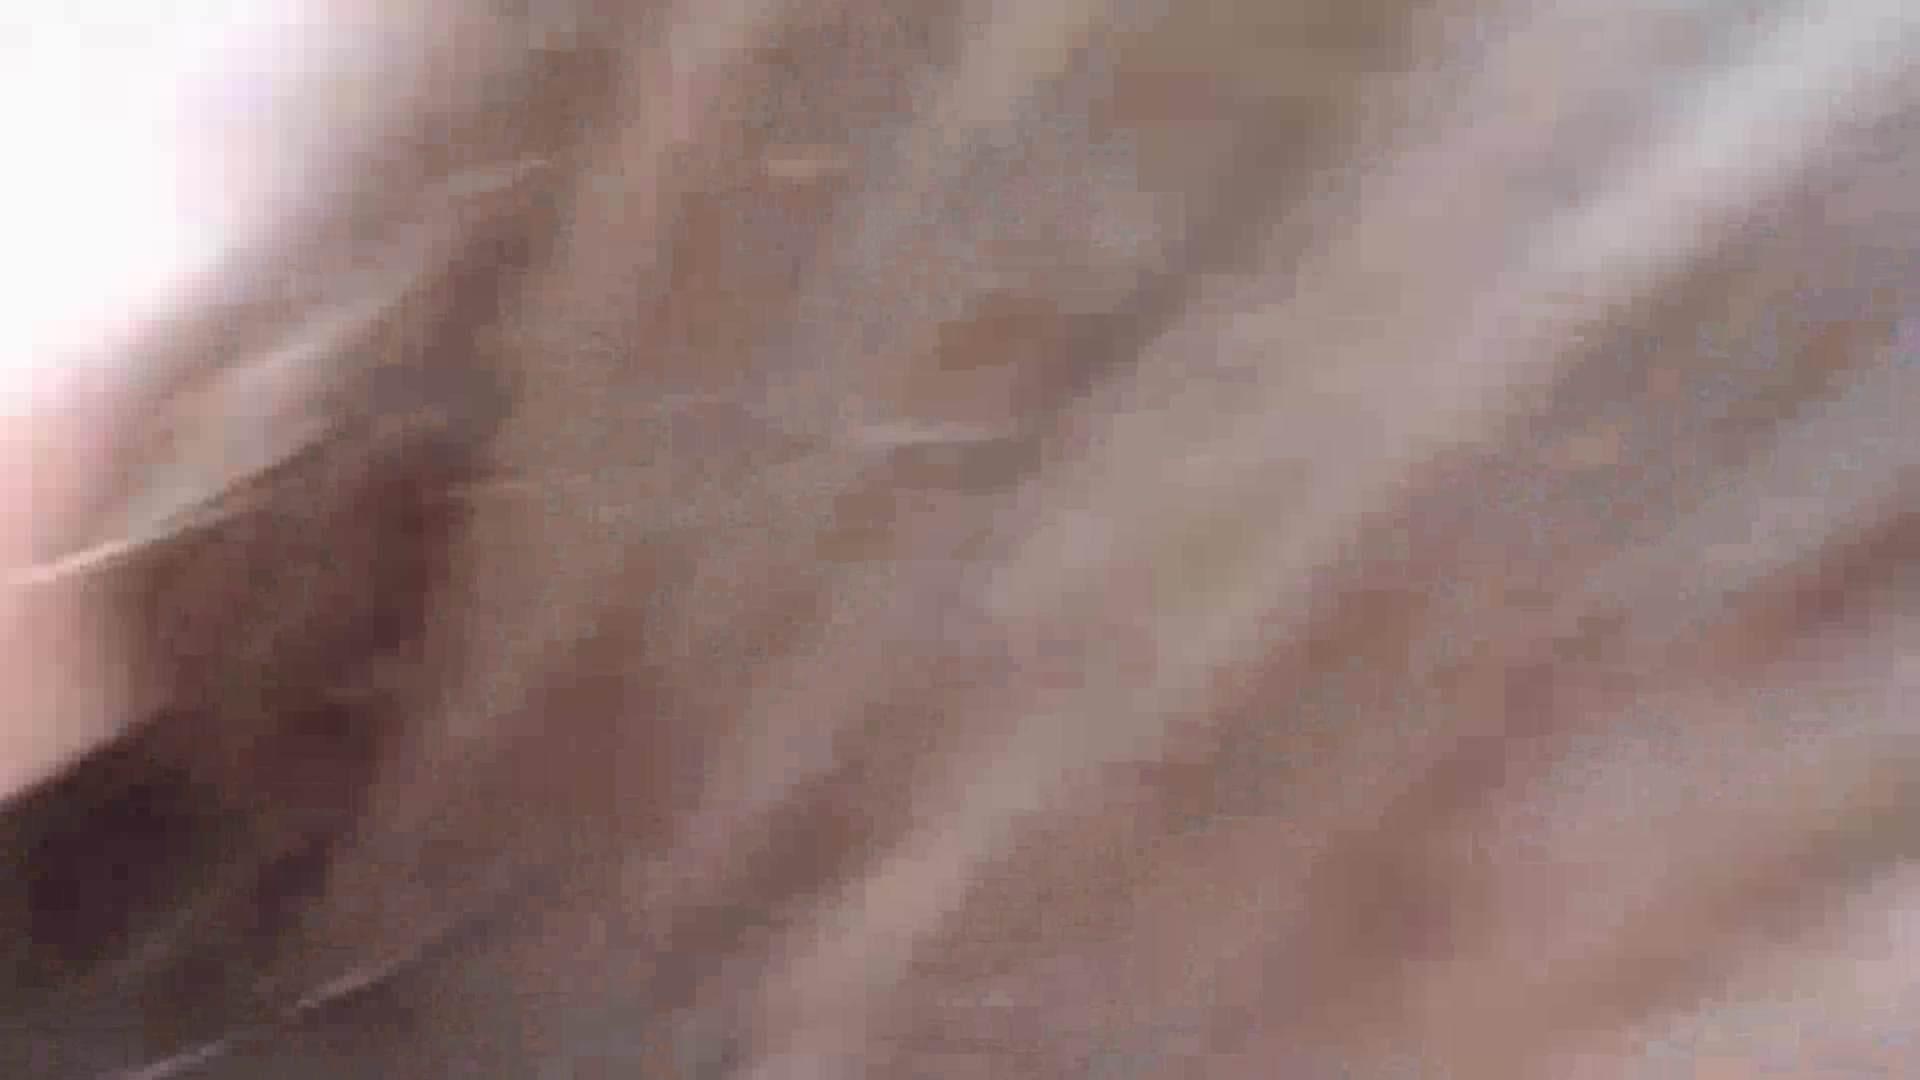 S級ギャルのハメ撮り!生チャット!Vol.09前編 お色気美女 | 超エロギャル  107枚 65